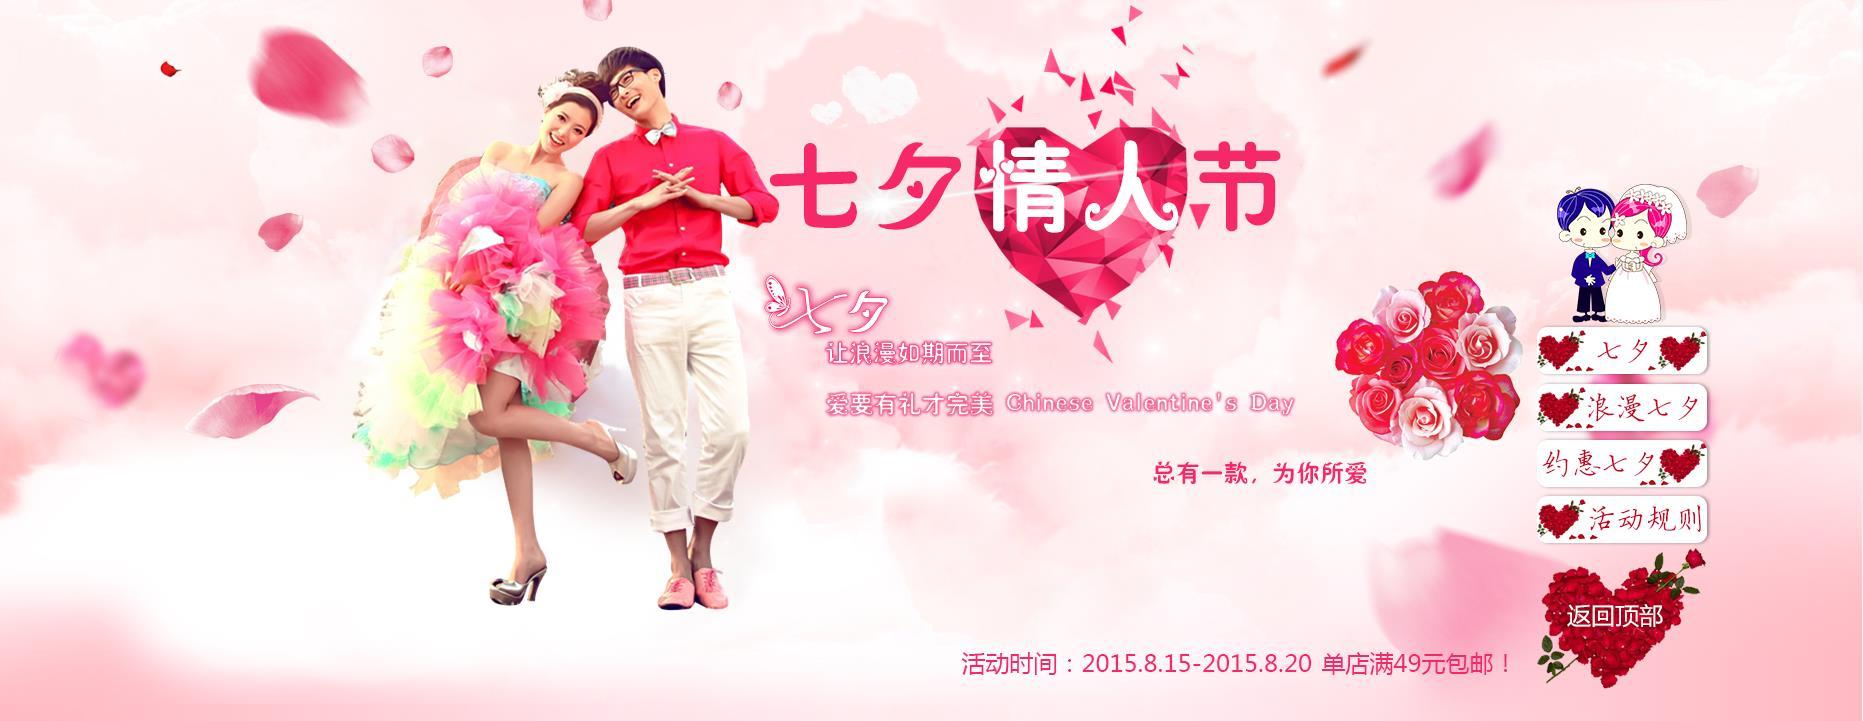 粉色烂漫的七夕情人节专题页面模板